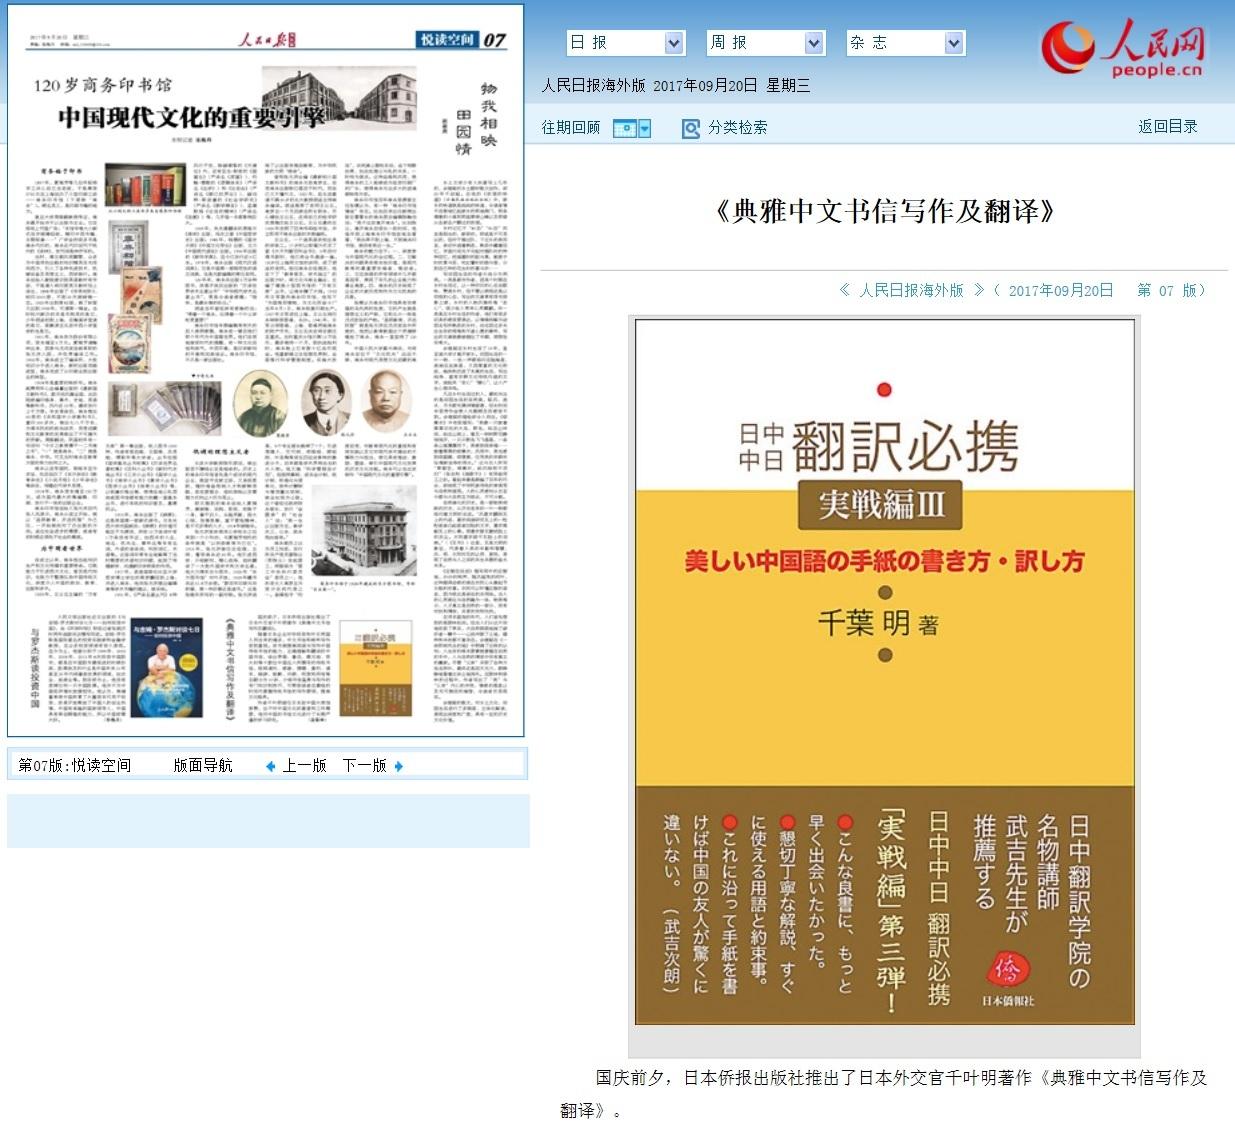 千葉総領事の新著、人民日報(海外版)に紹介された_d0027795_10242006.jpg